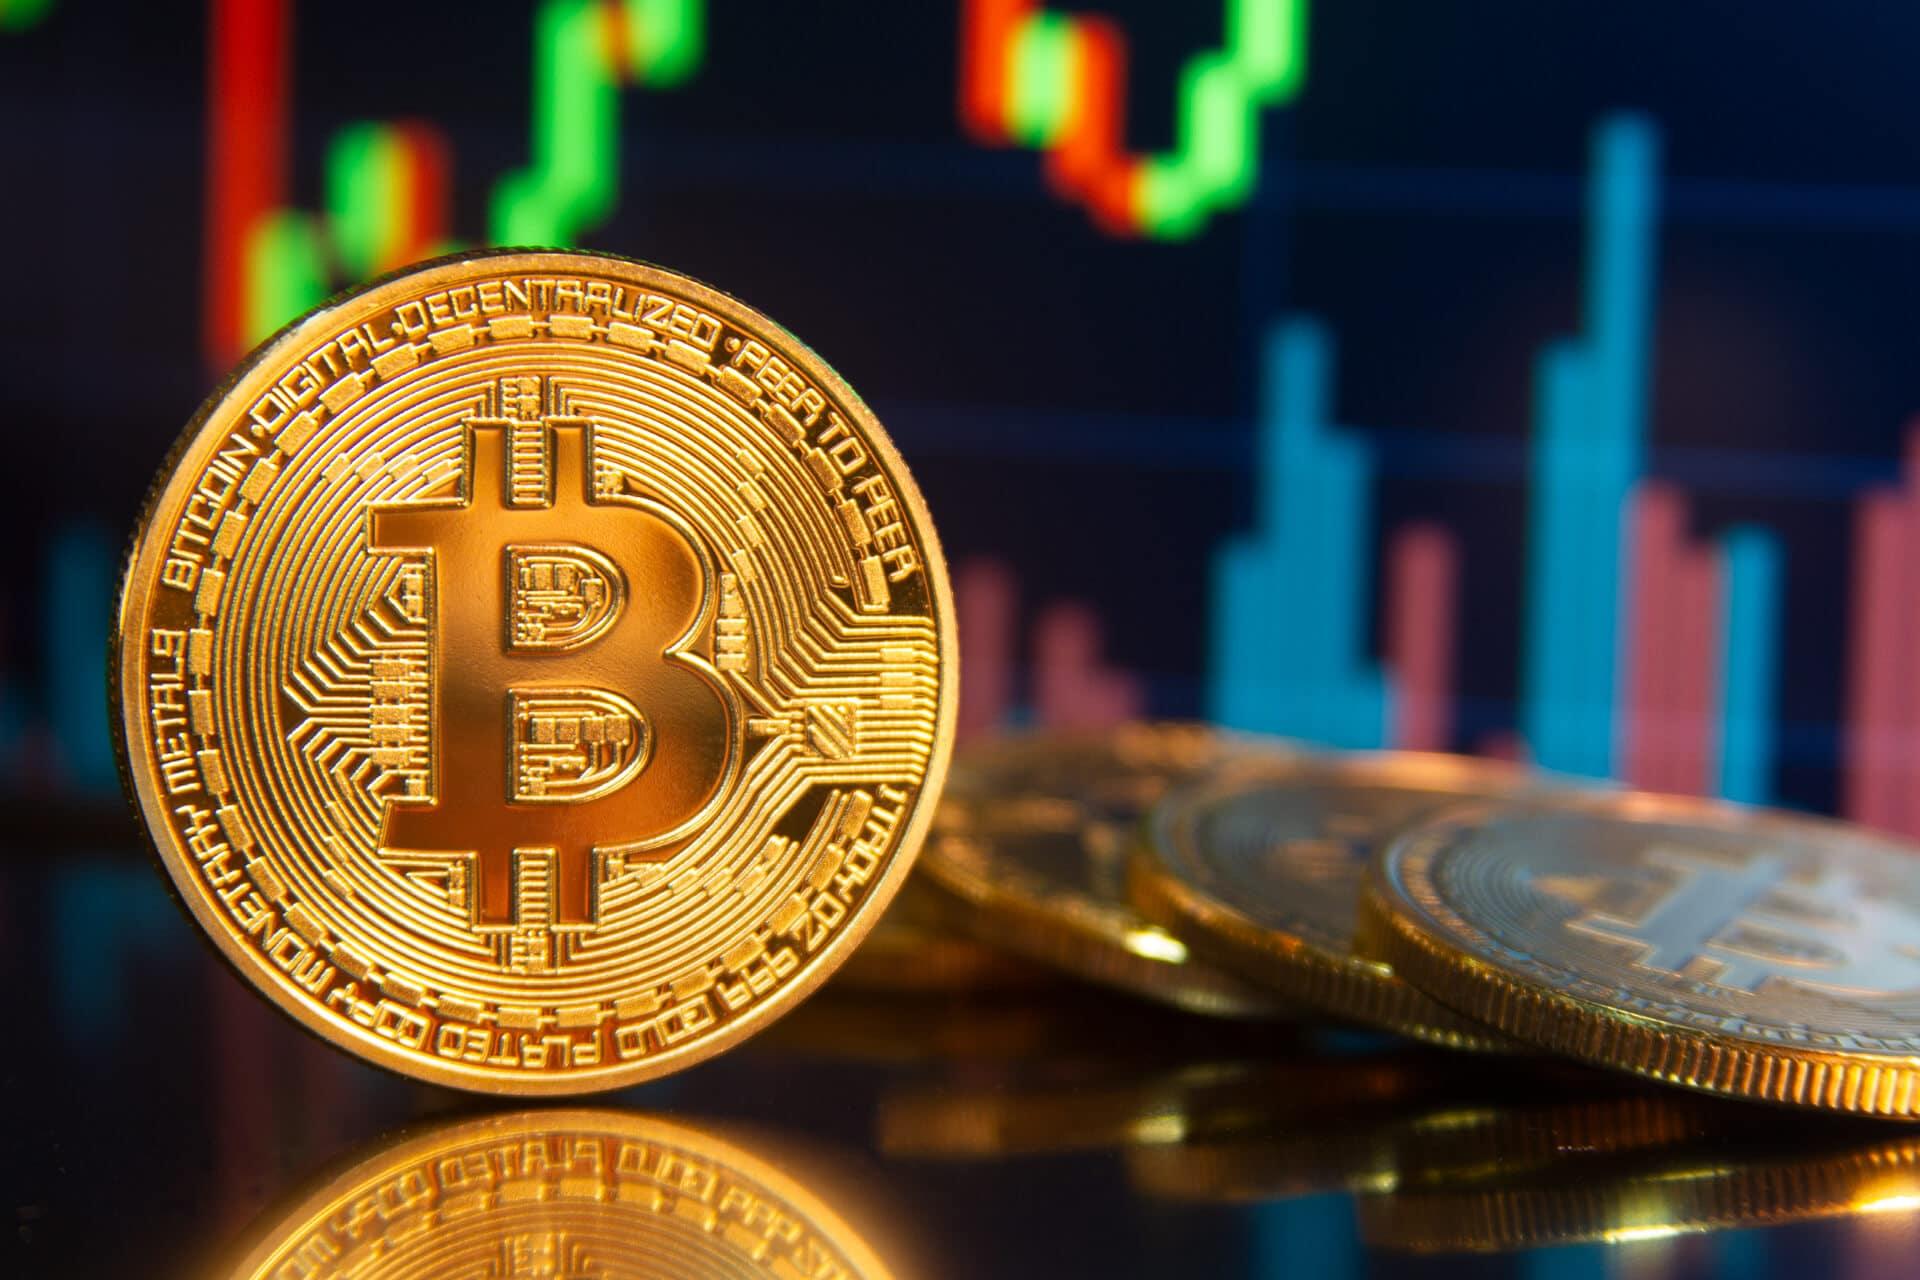 Le balene hanno accumulato 130.000 bitcoin nelle ultime settimane